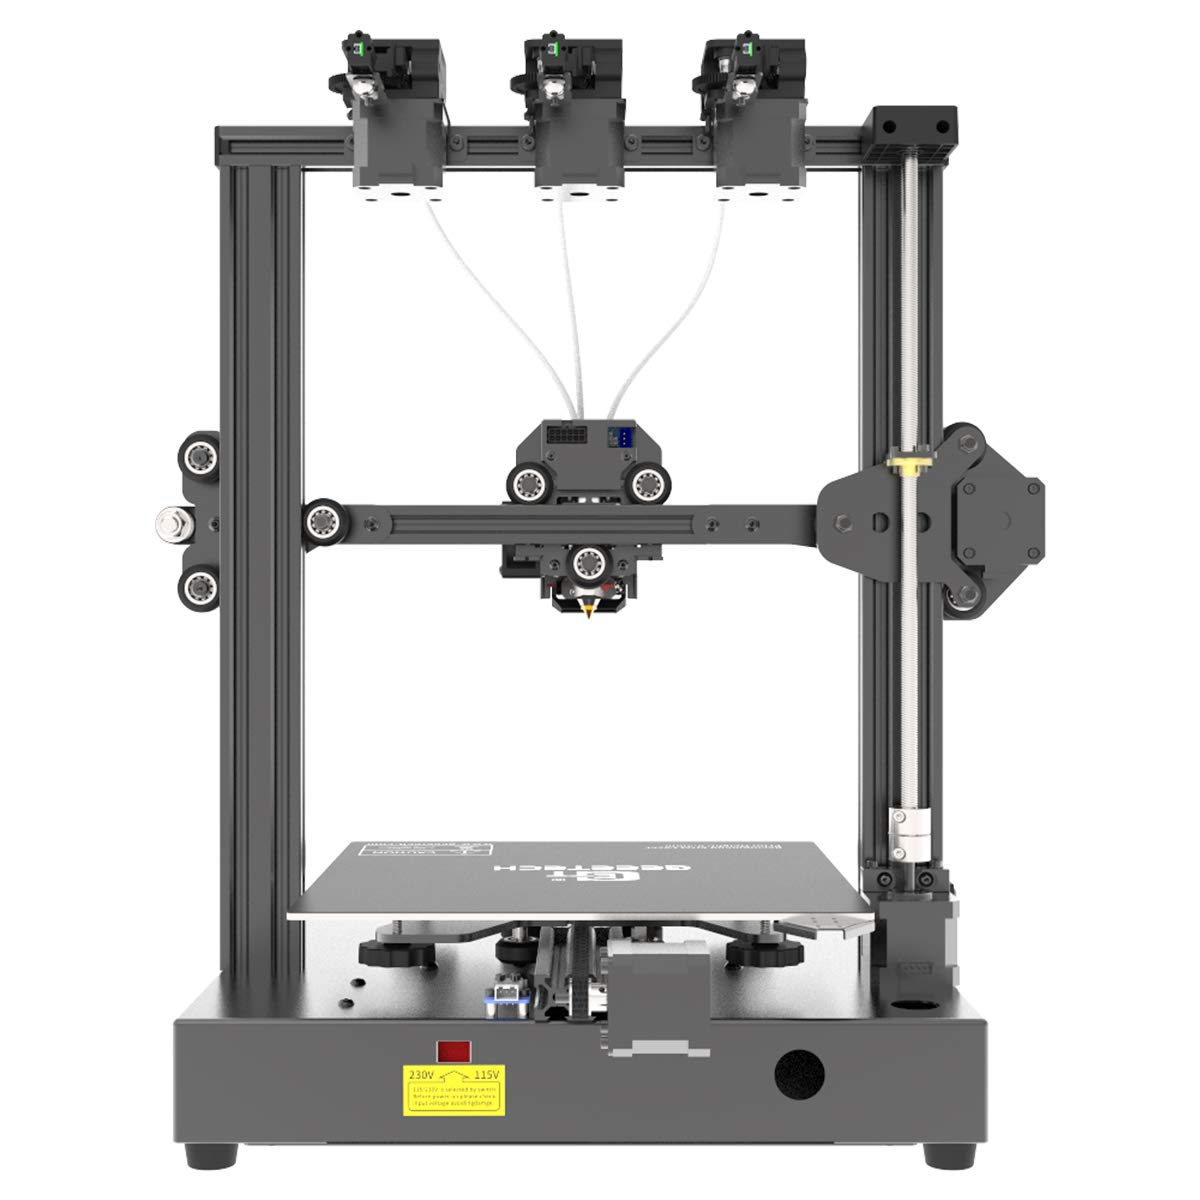 Imprimante 3D Geeetech A20T